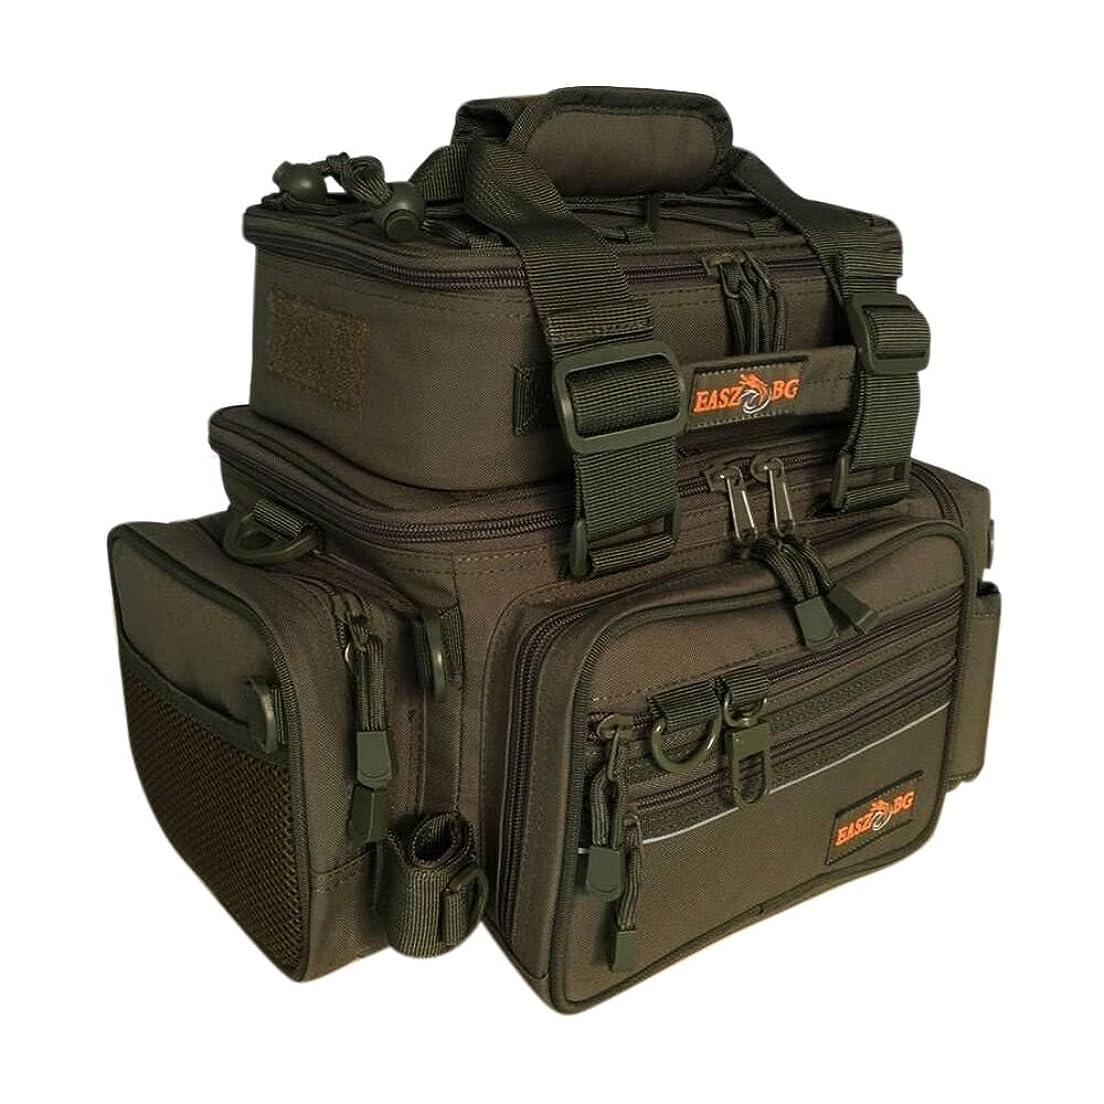 くそーエチケット世界BENYUE 超大容量 多機能 釣りバッグ タックルバッグ 船釣りバッグ